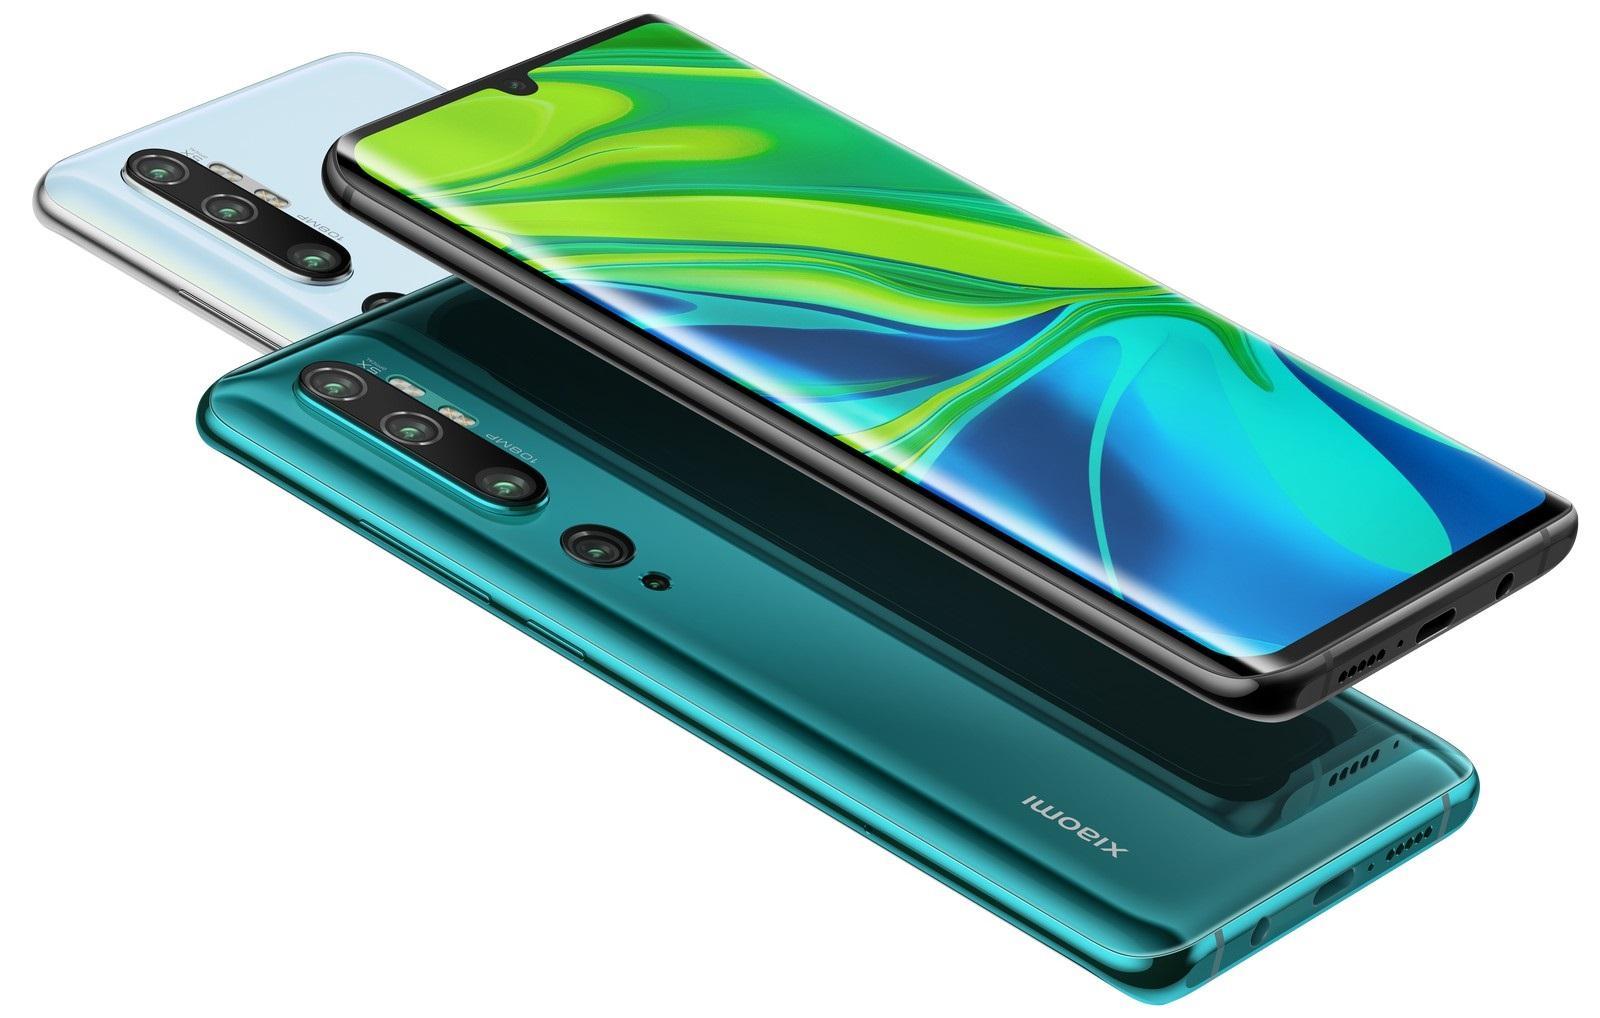 Tin tức công nghệ mới nóng nhất hôm nay 10/12: Smartphone sở hữu 5 camera lên kệ thị trường Việt - Ảnh 1